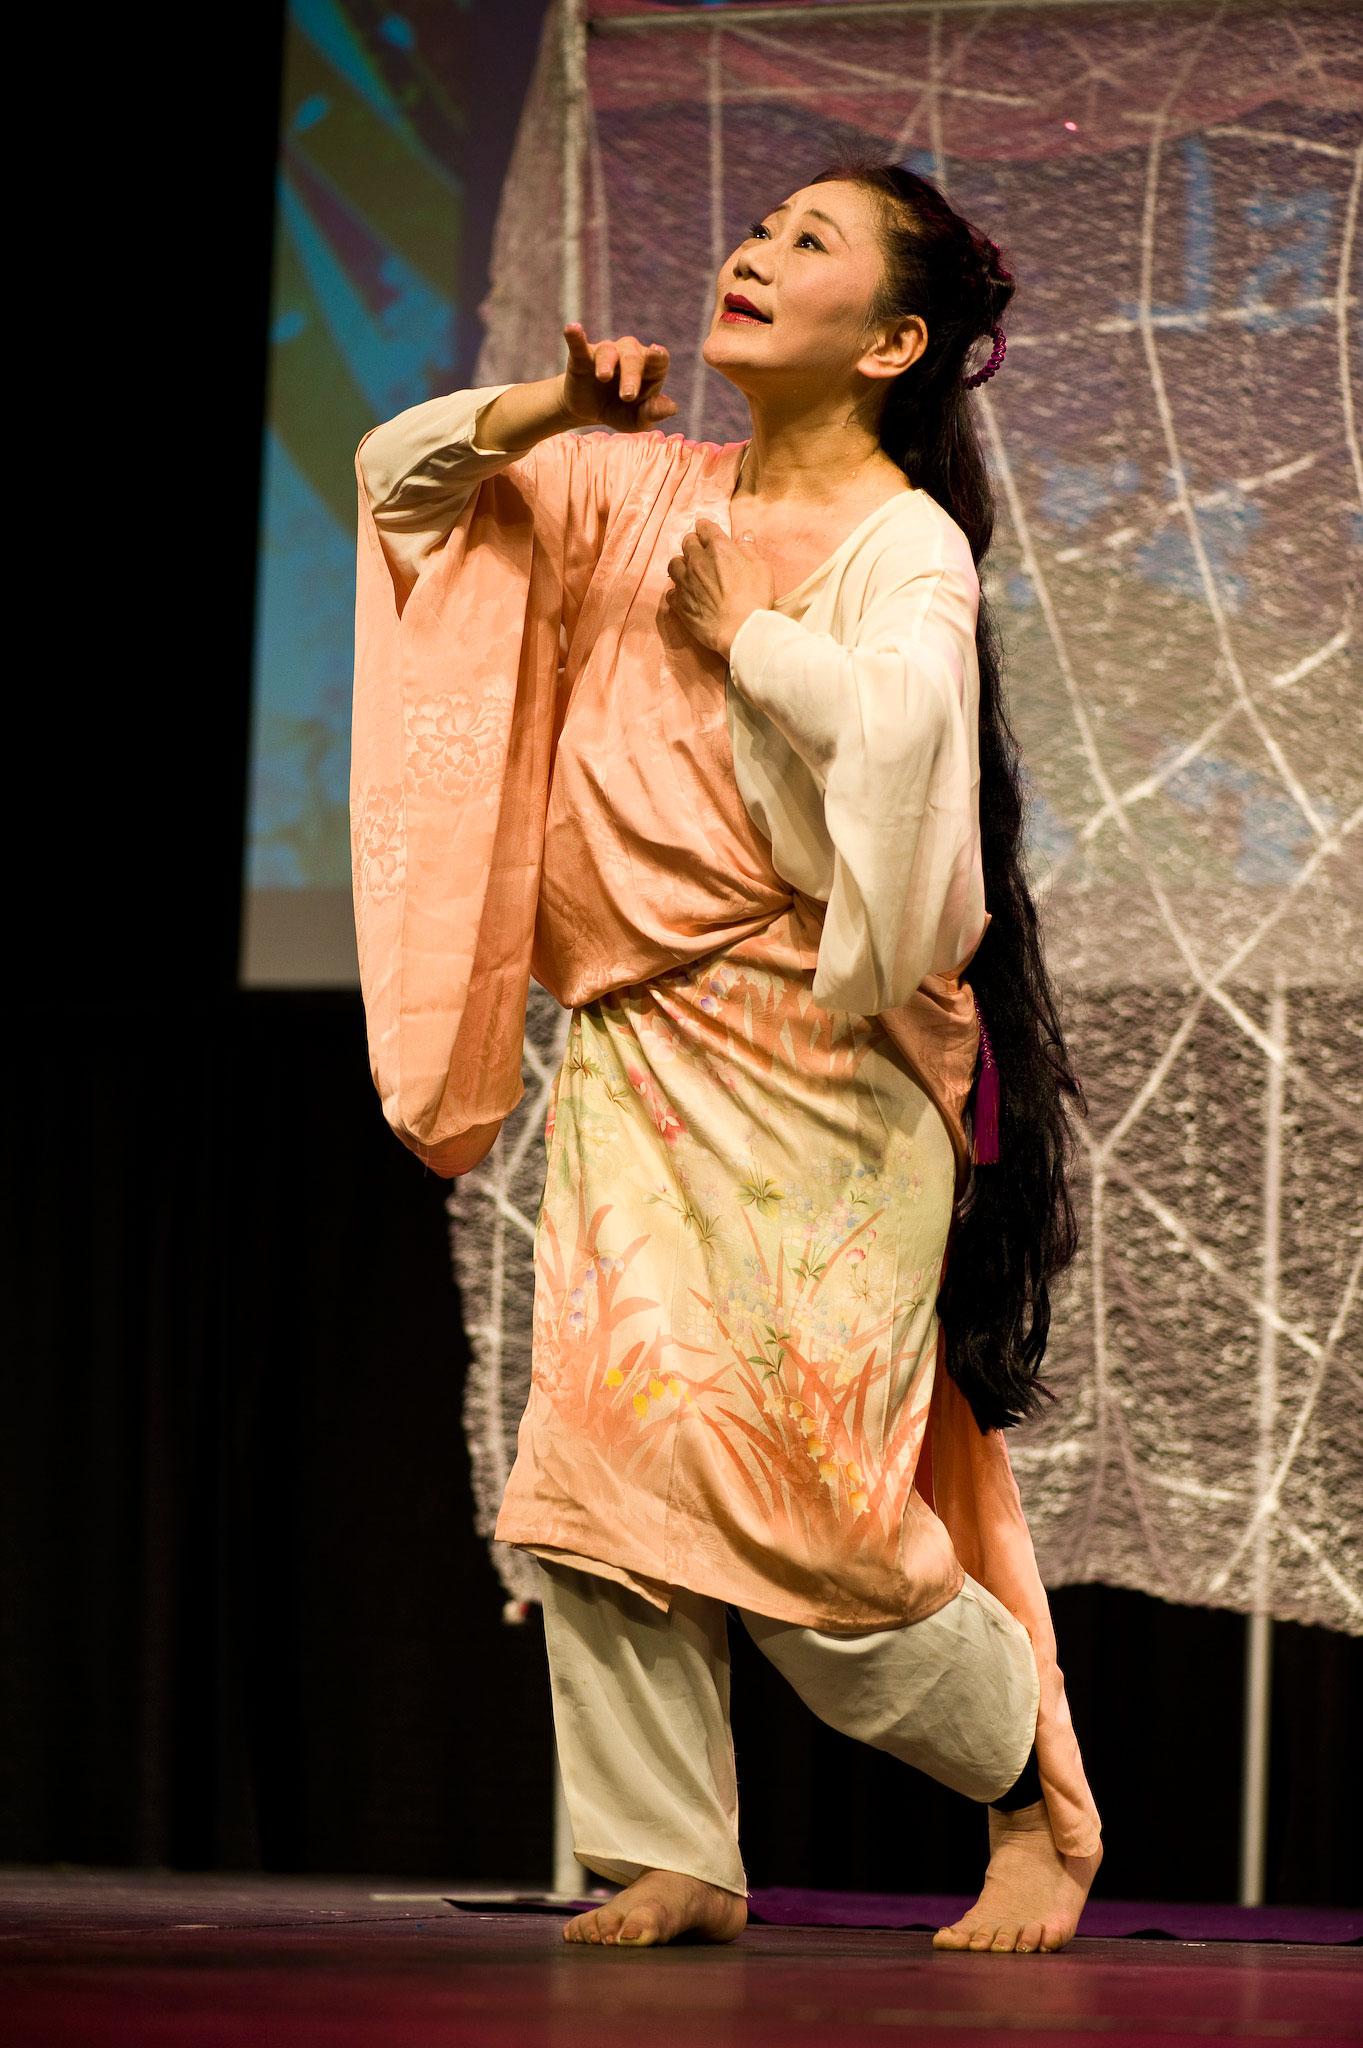 Photo of an Asian woman dancing.